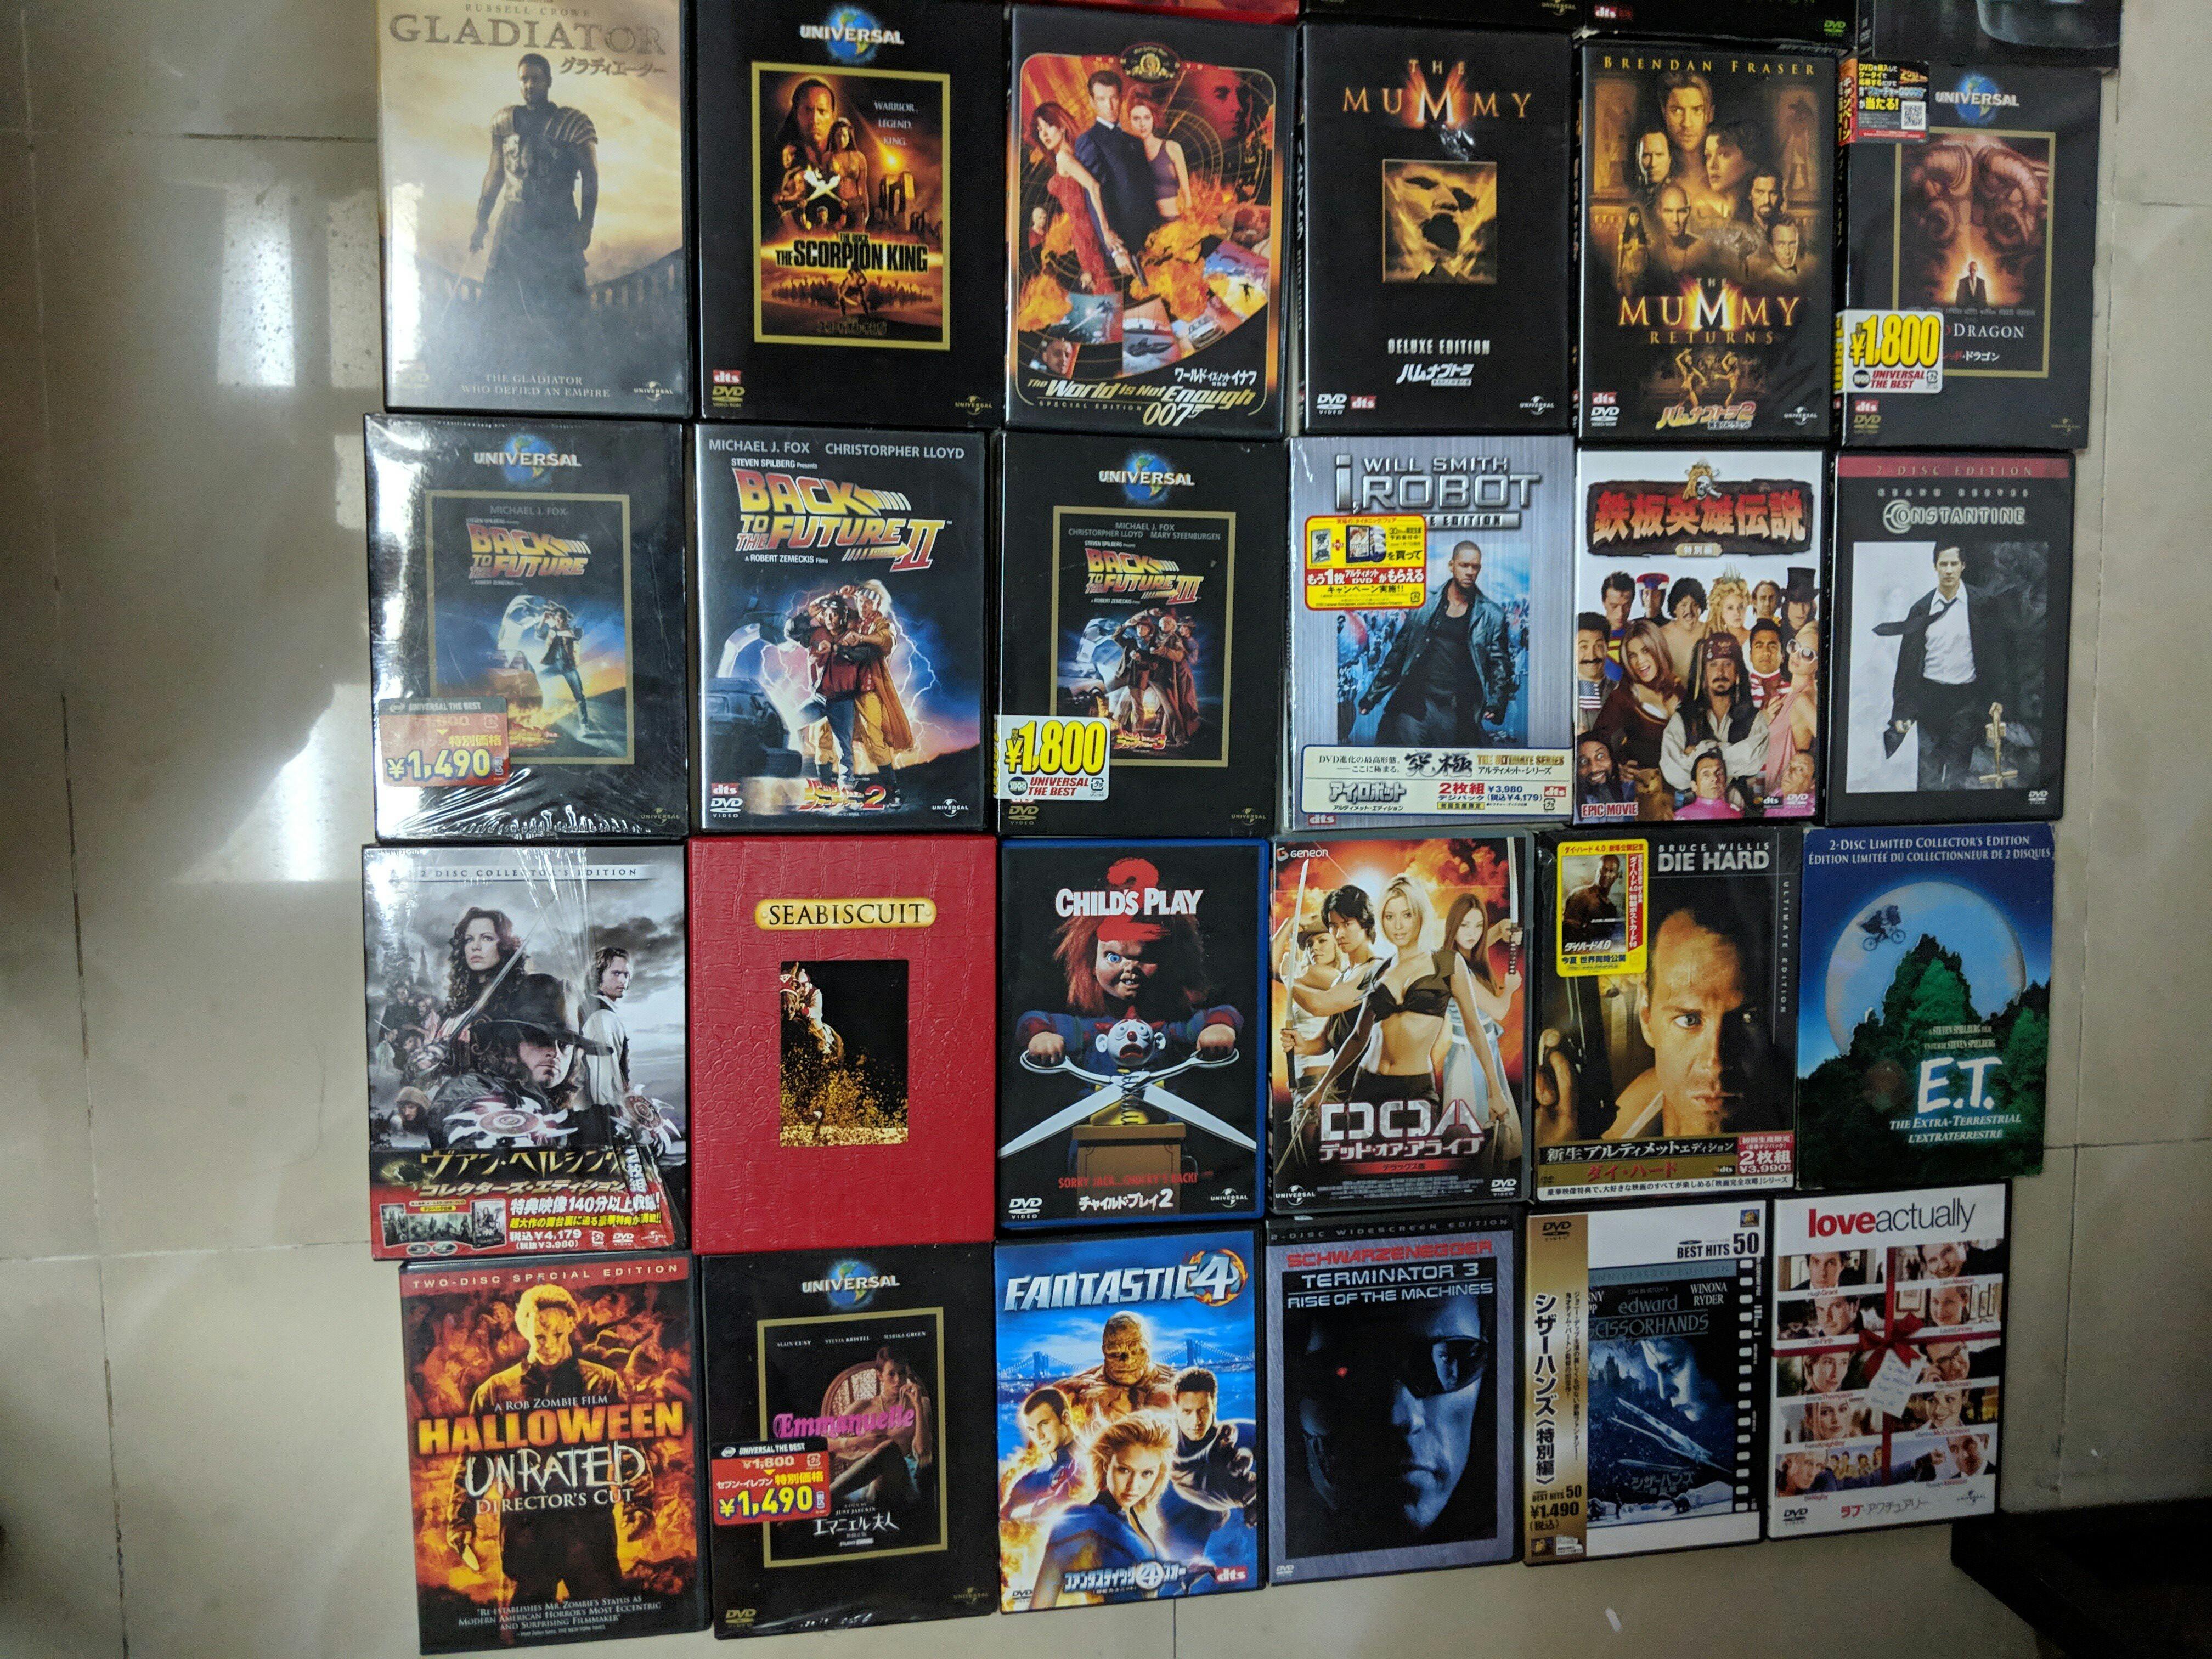 $100 任揀十隻1區 2區 DVD 單選$20一隻 (不求質素)|